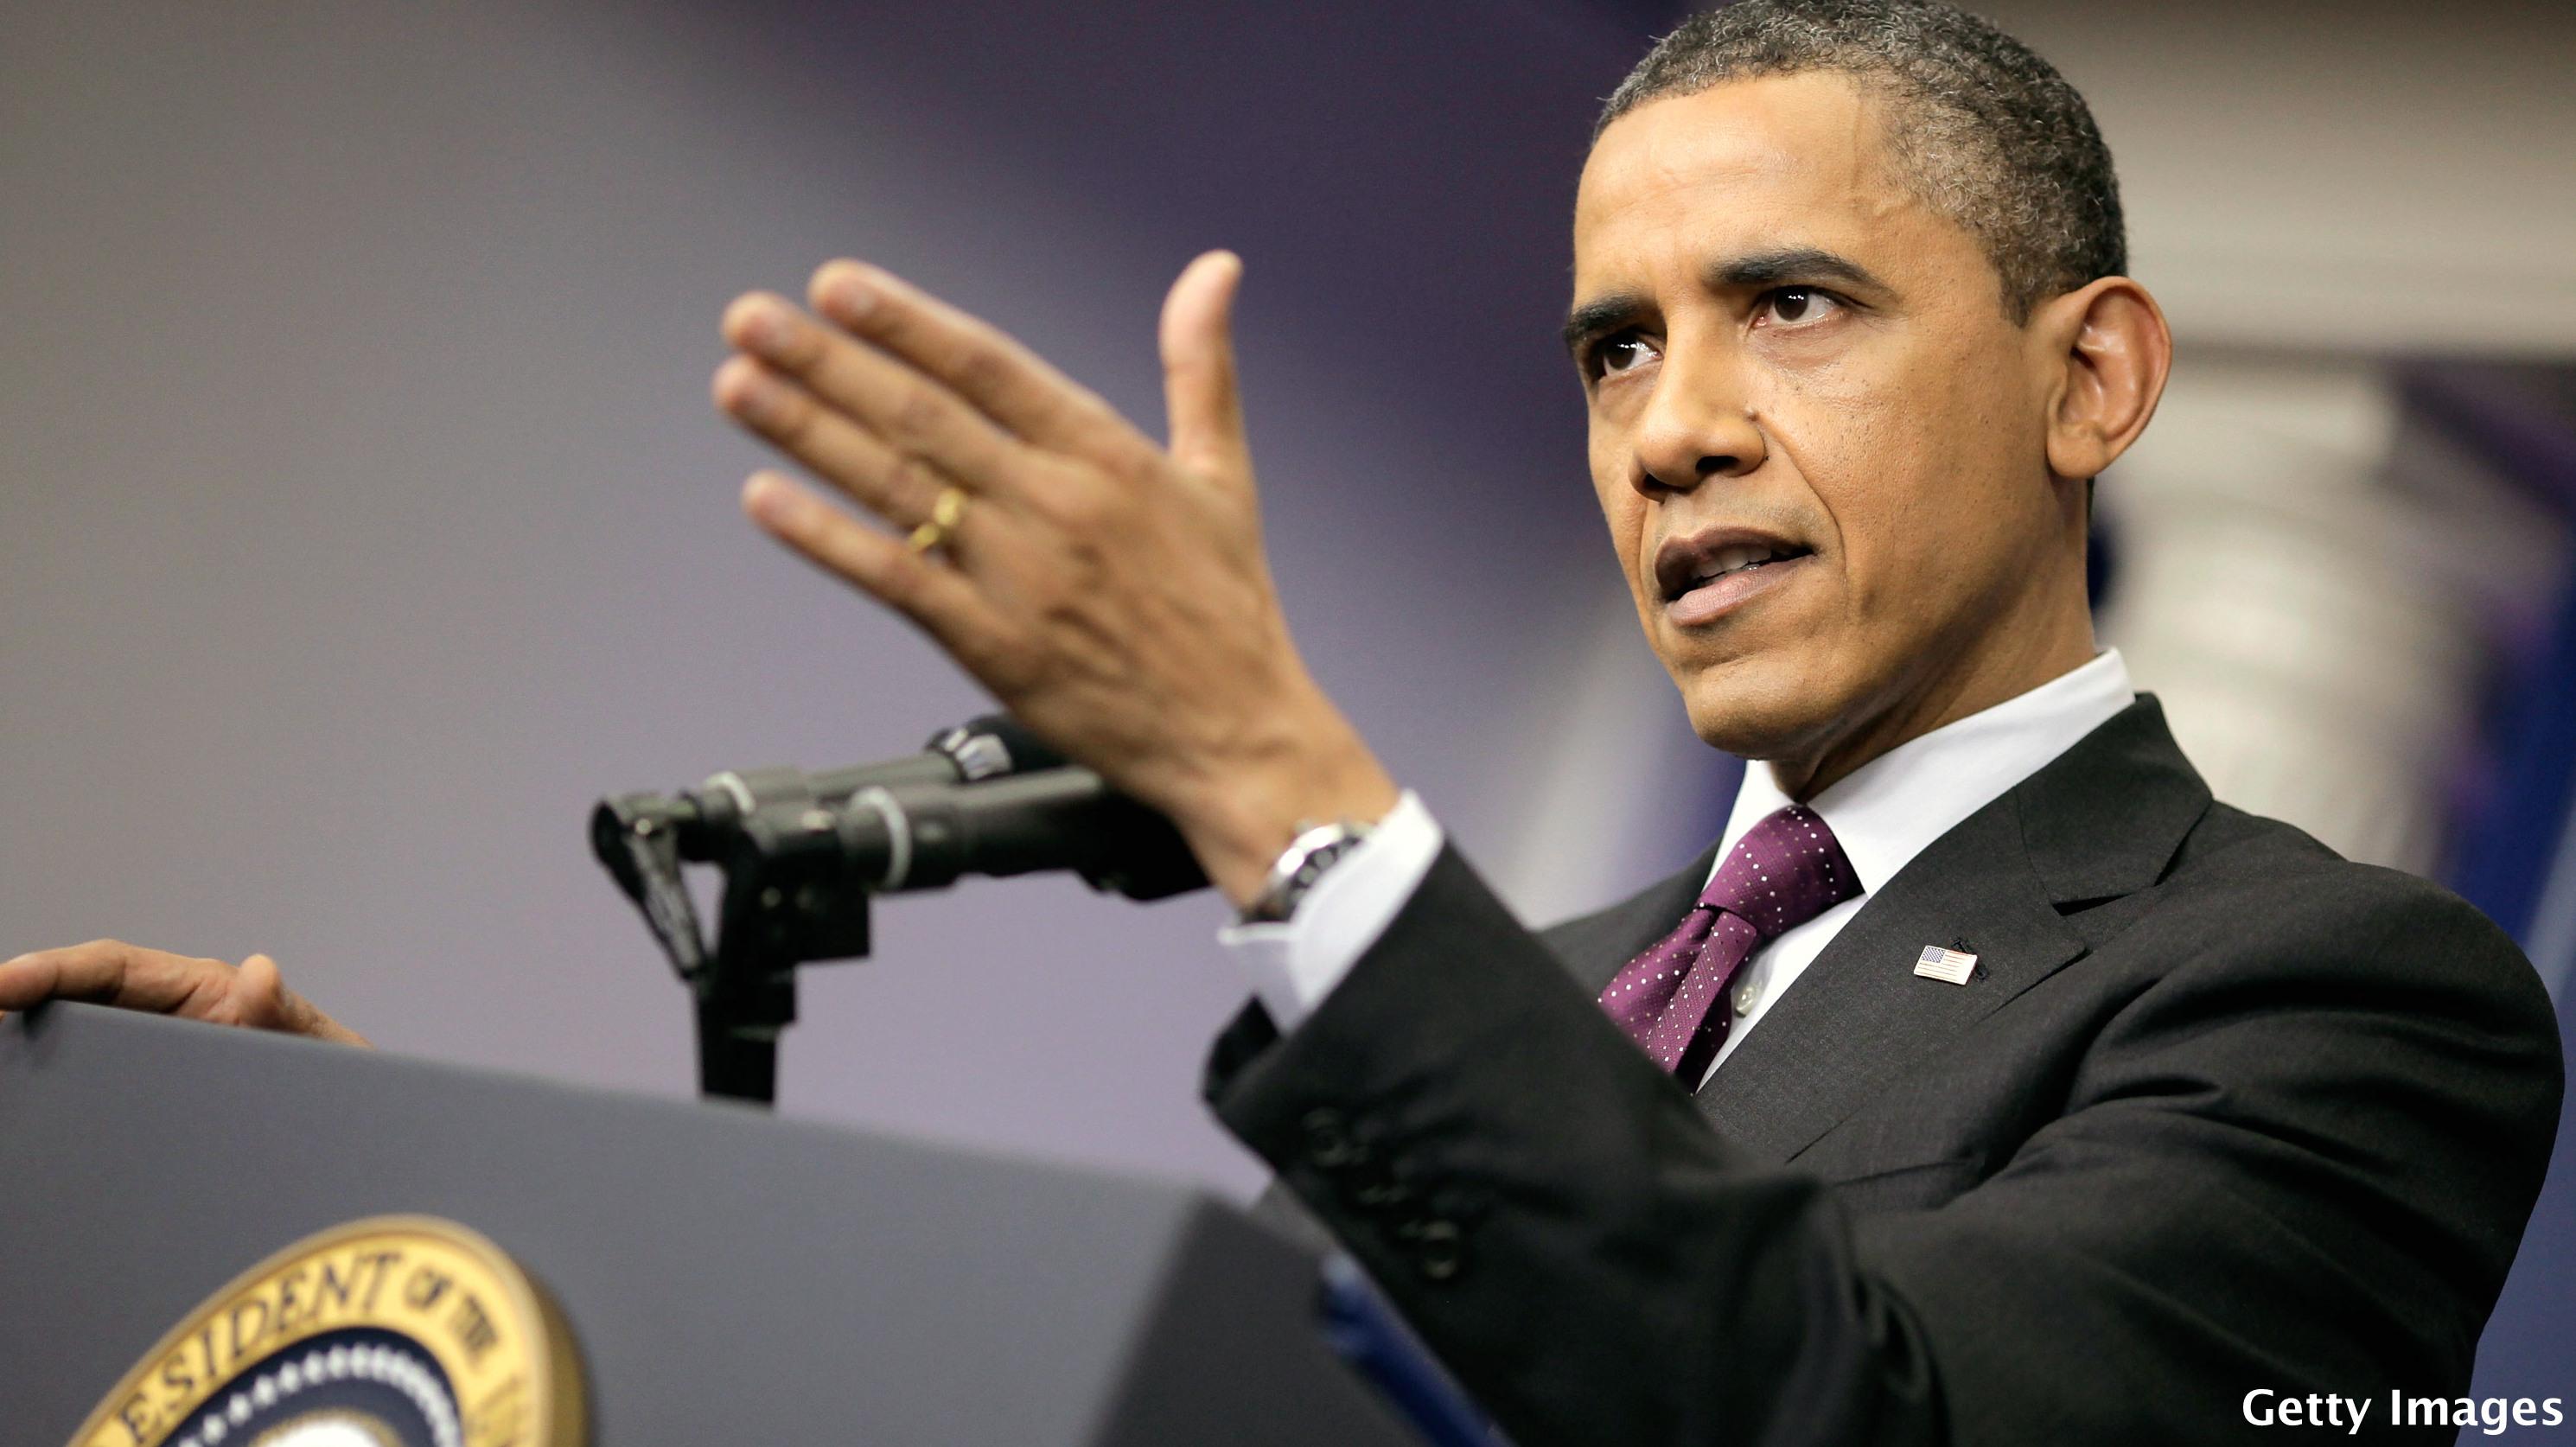 Obama Super Tuesday